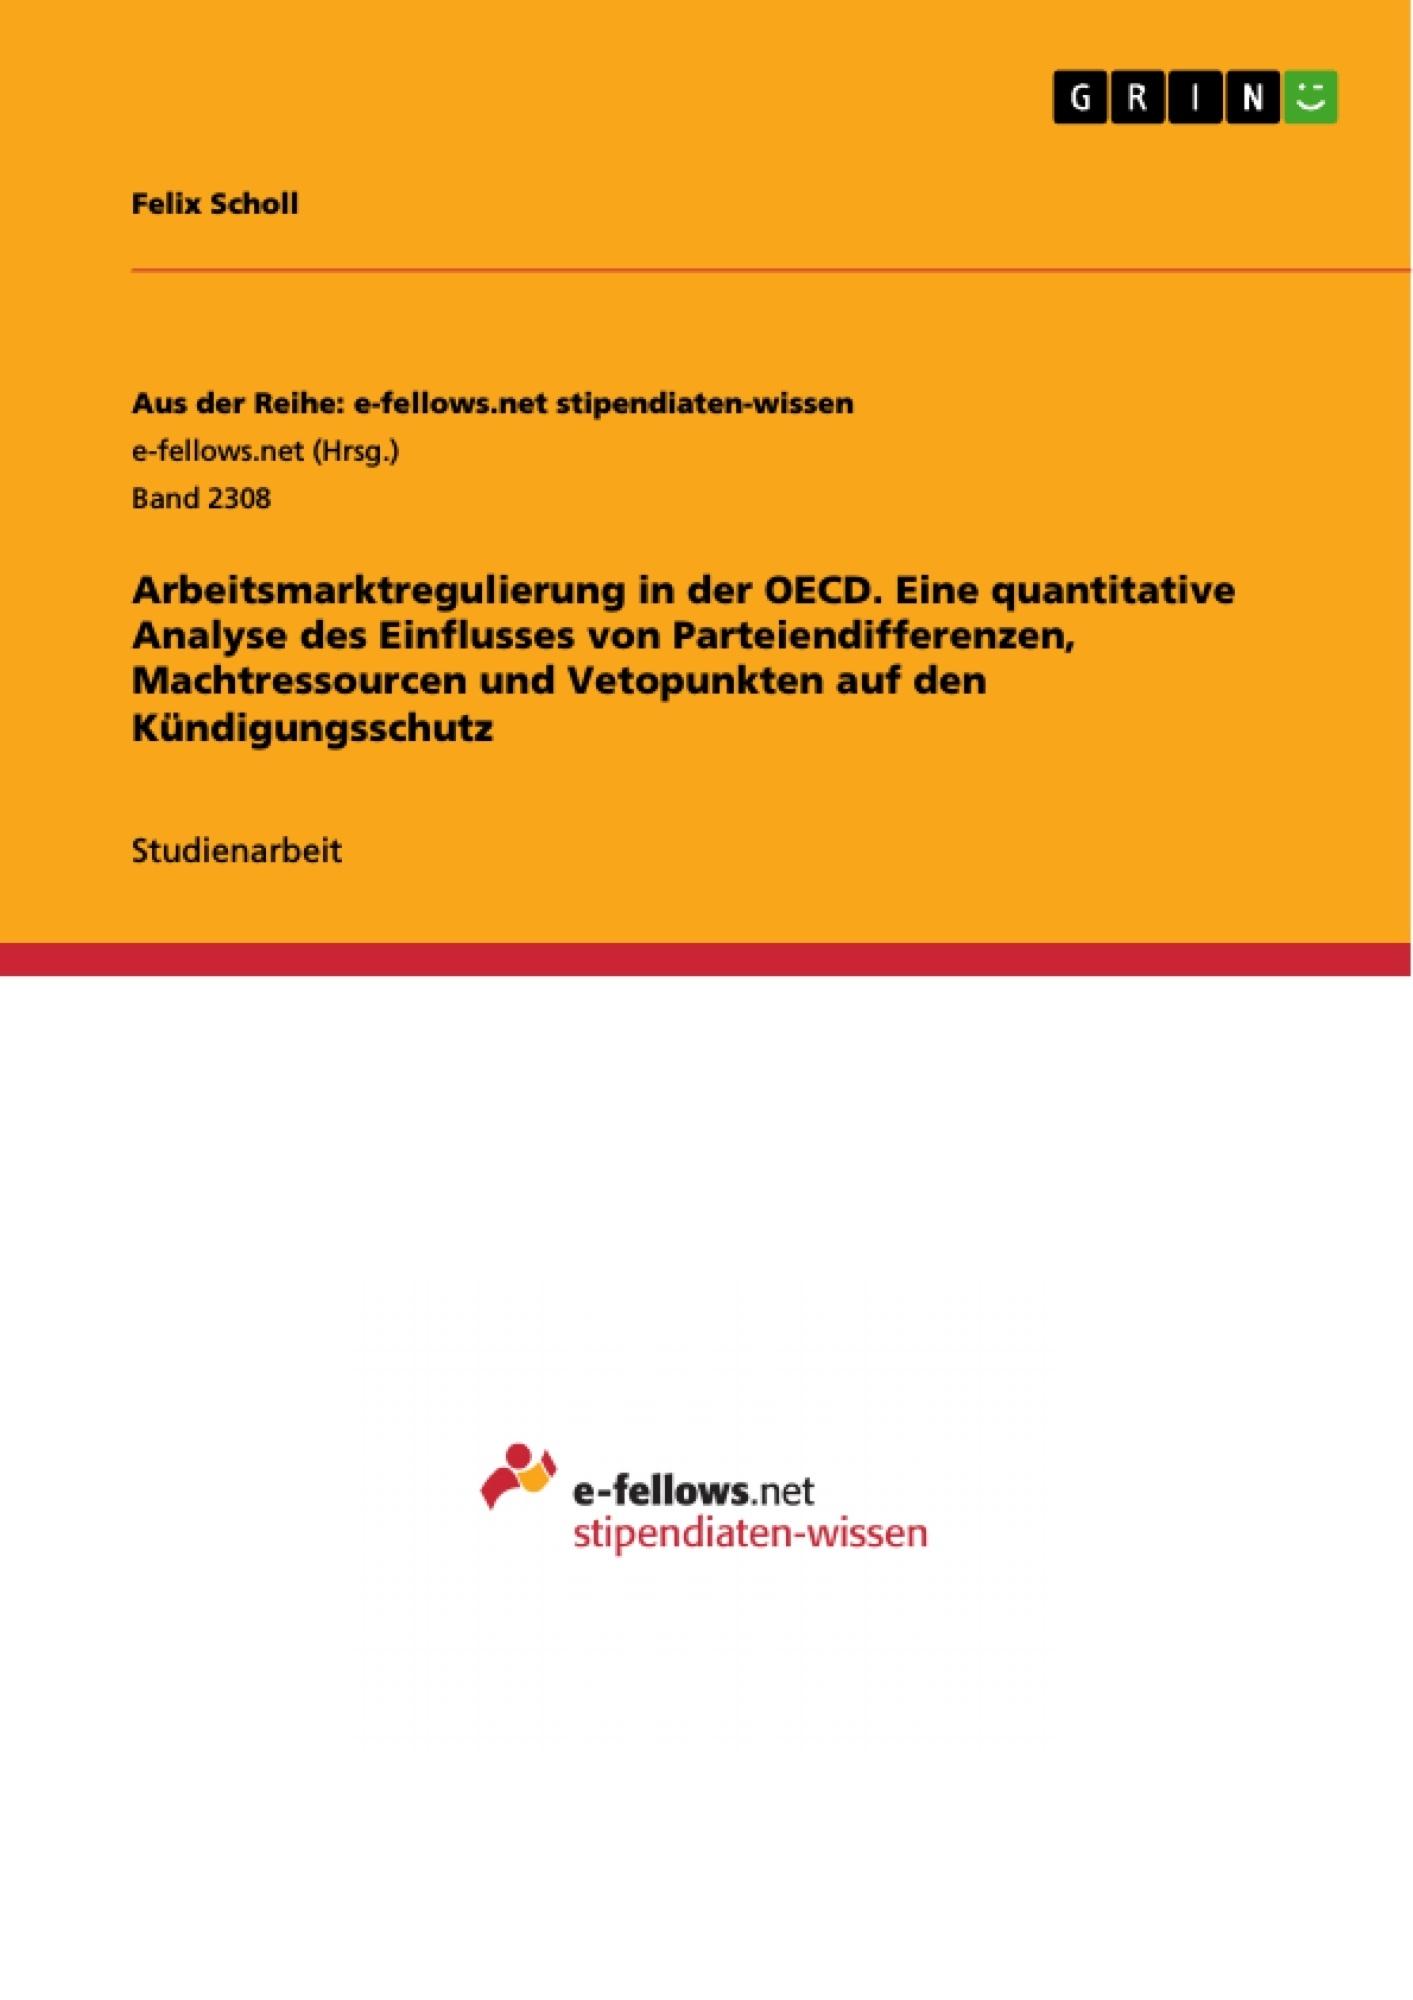 Titel: Arbeitsmarktregulierung in der OECD. Eine quantitative Analyse des Einflusses von Parteiendifferenzen, Machtressourcen und Vetopunkten auf den Kündigungsschutz